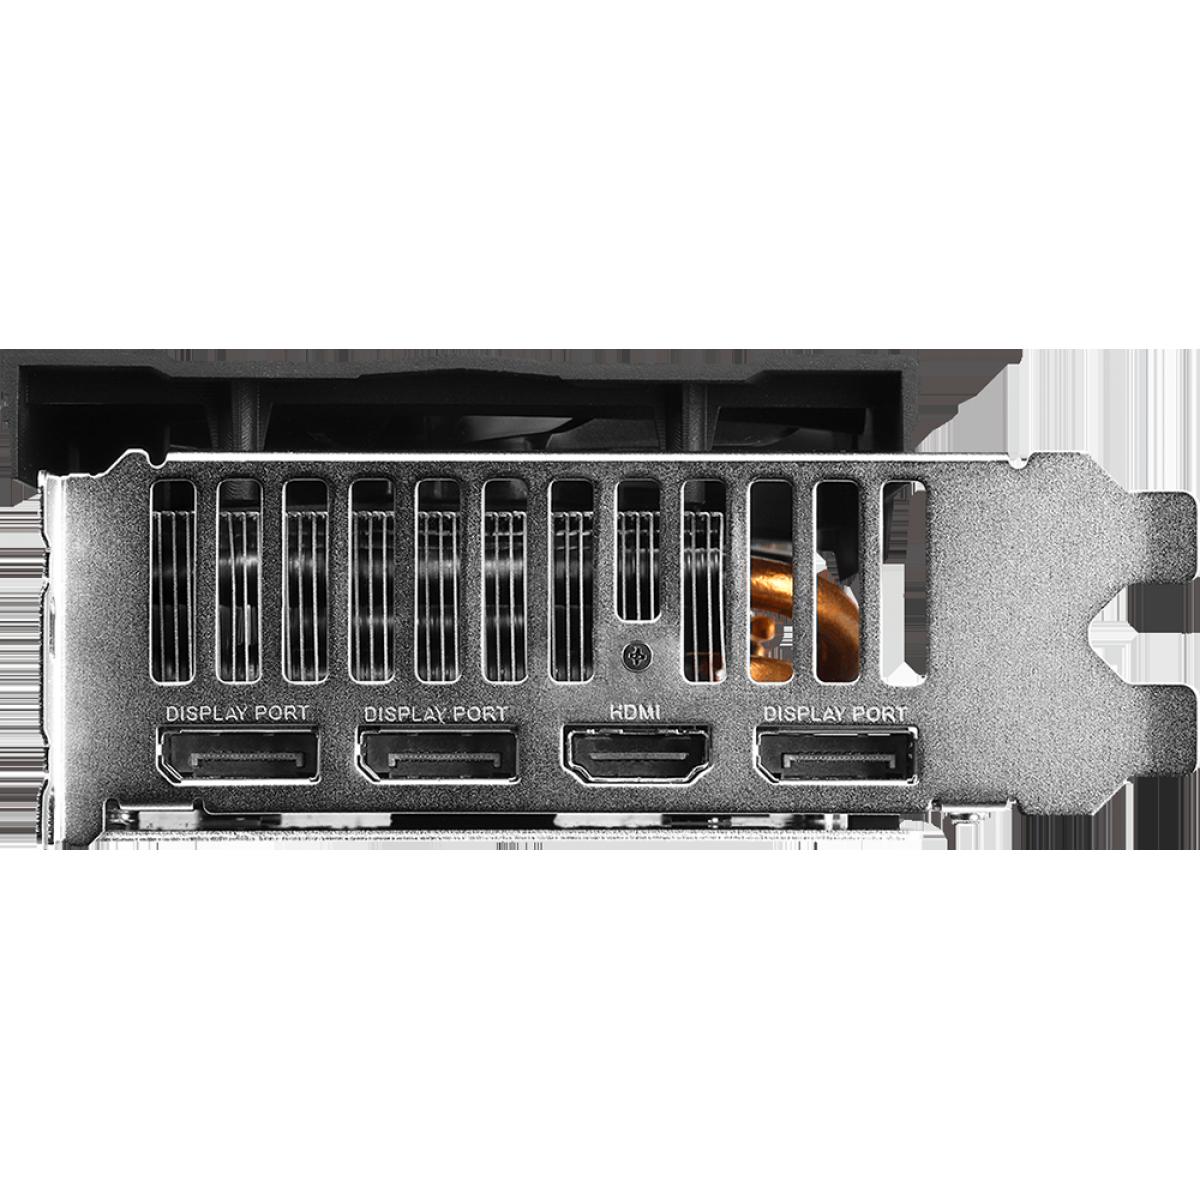 Placa de Vídeo ASRock, Radeon, RX 5600 XT Challenger D OC, 6GB, GDDR6, 1923Bit, 90-GA1XZZ-00UANF